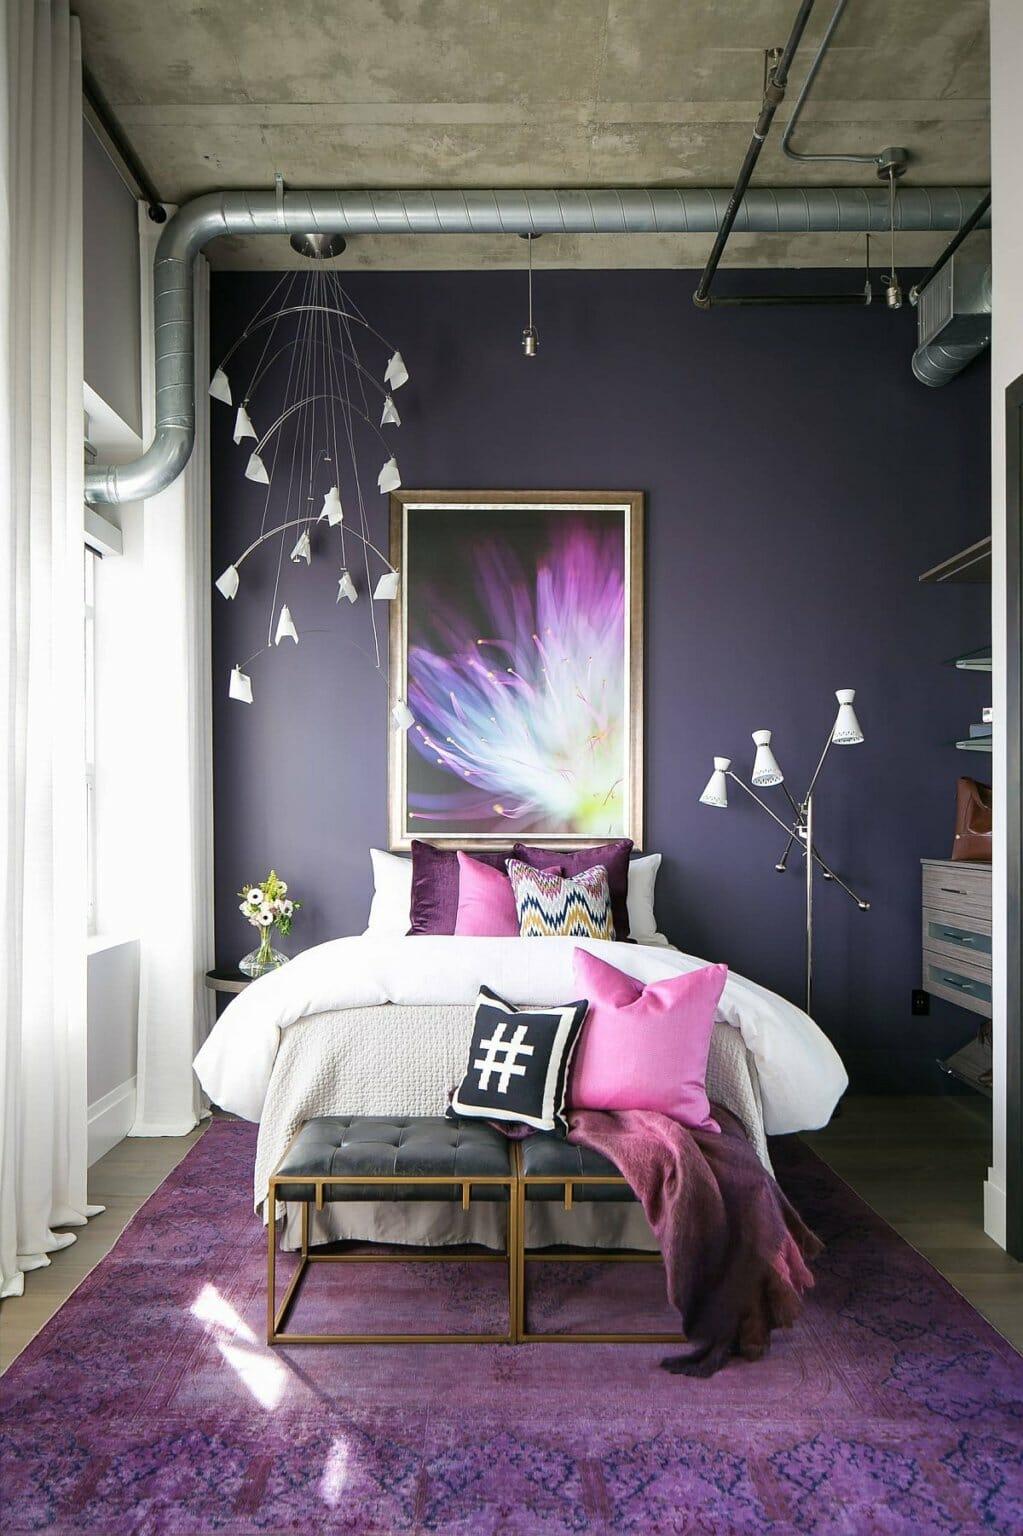 hình ảnh phòng ngủ nhỏ màu tím nhẹ nhàng, lãng mạn